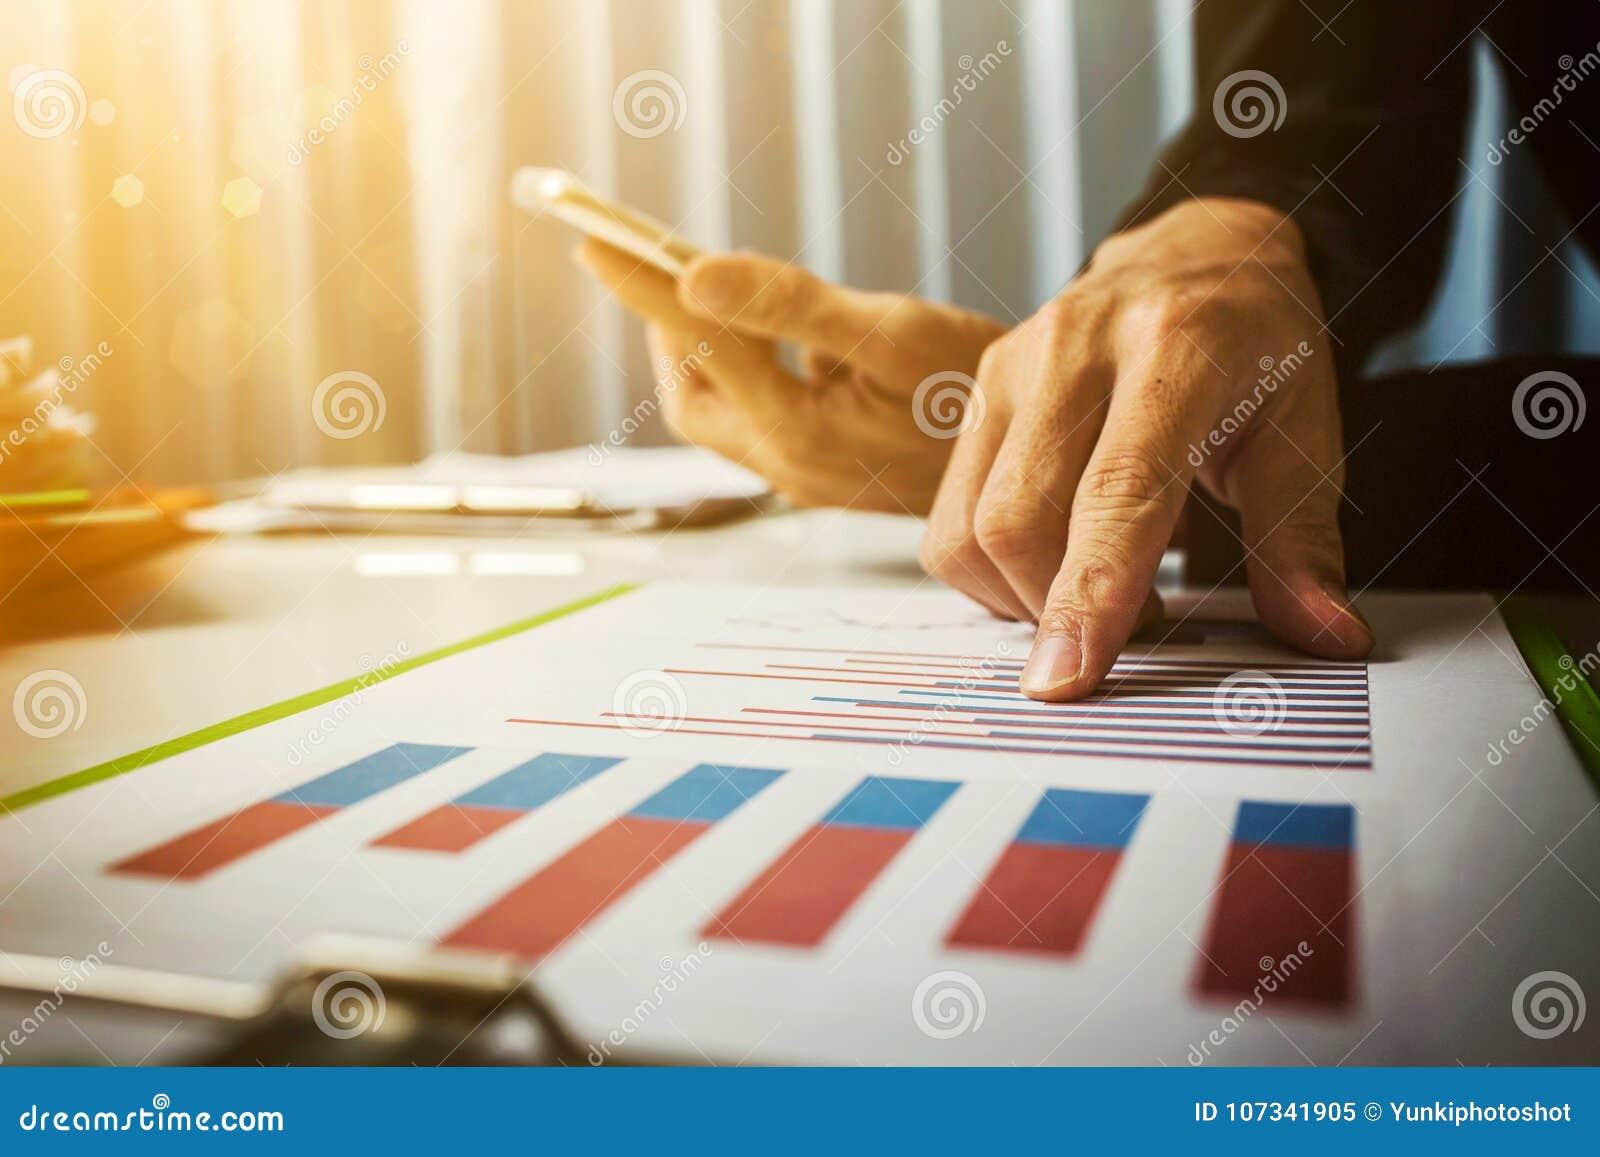 Bottich und Darlehenszinssätze berechneten durch die Bank entsprechend der Abgabenordnung der Regierung Asiatisches hart arbeiten